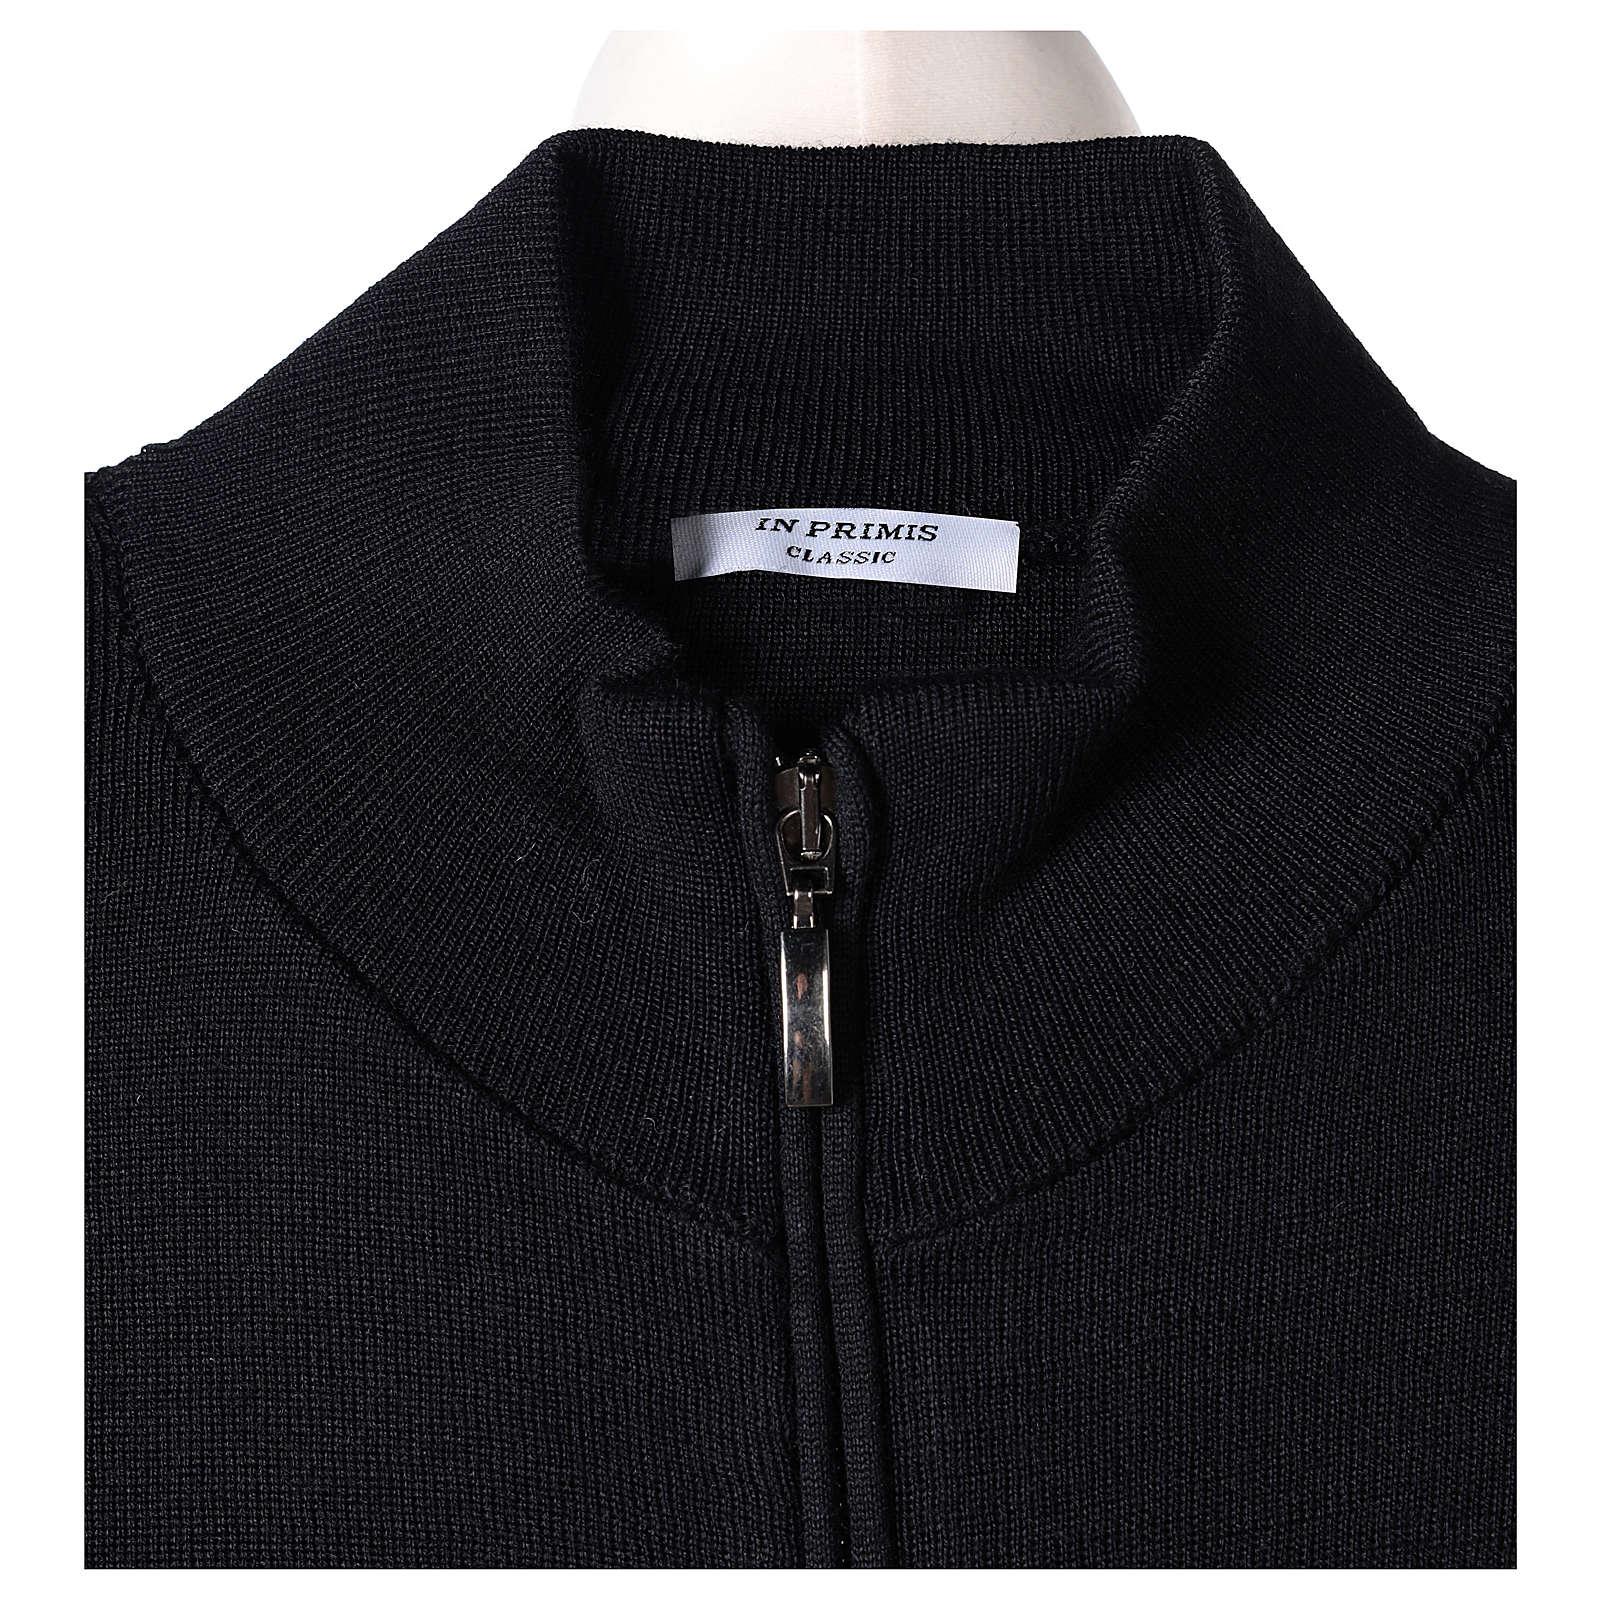 Giacca coreana con zip 50% acrilico 50% lana merino nera suora In Primis 4